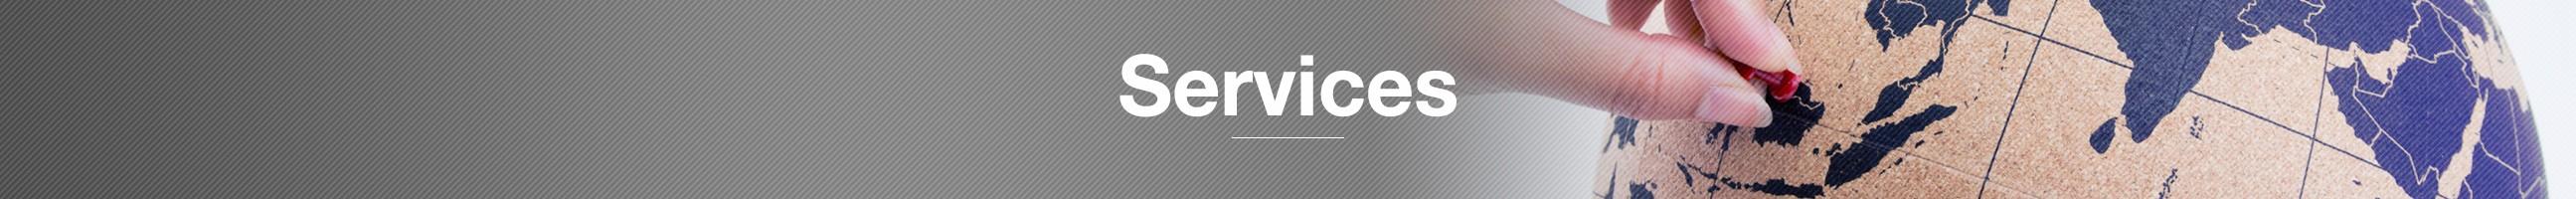 Bandeau-Services-expat-v2